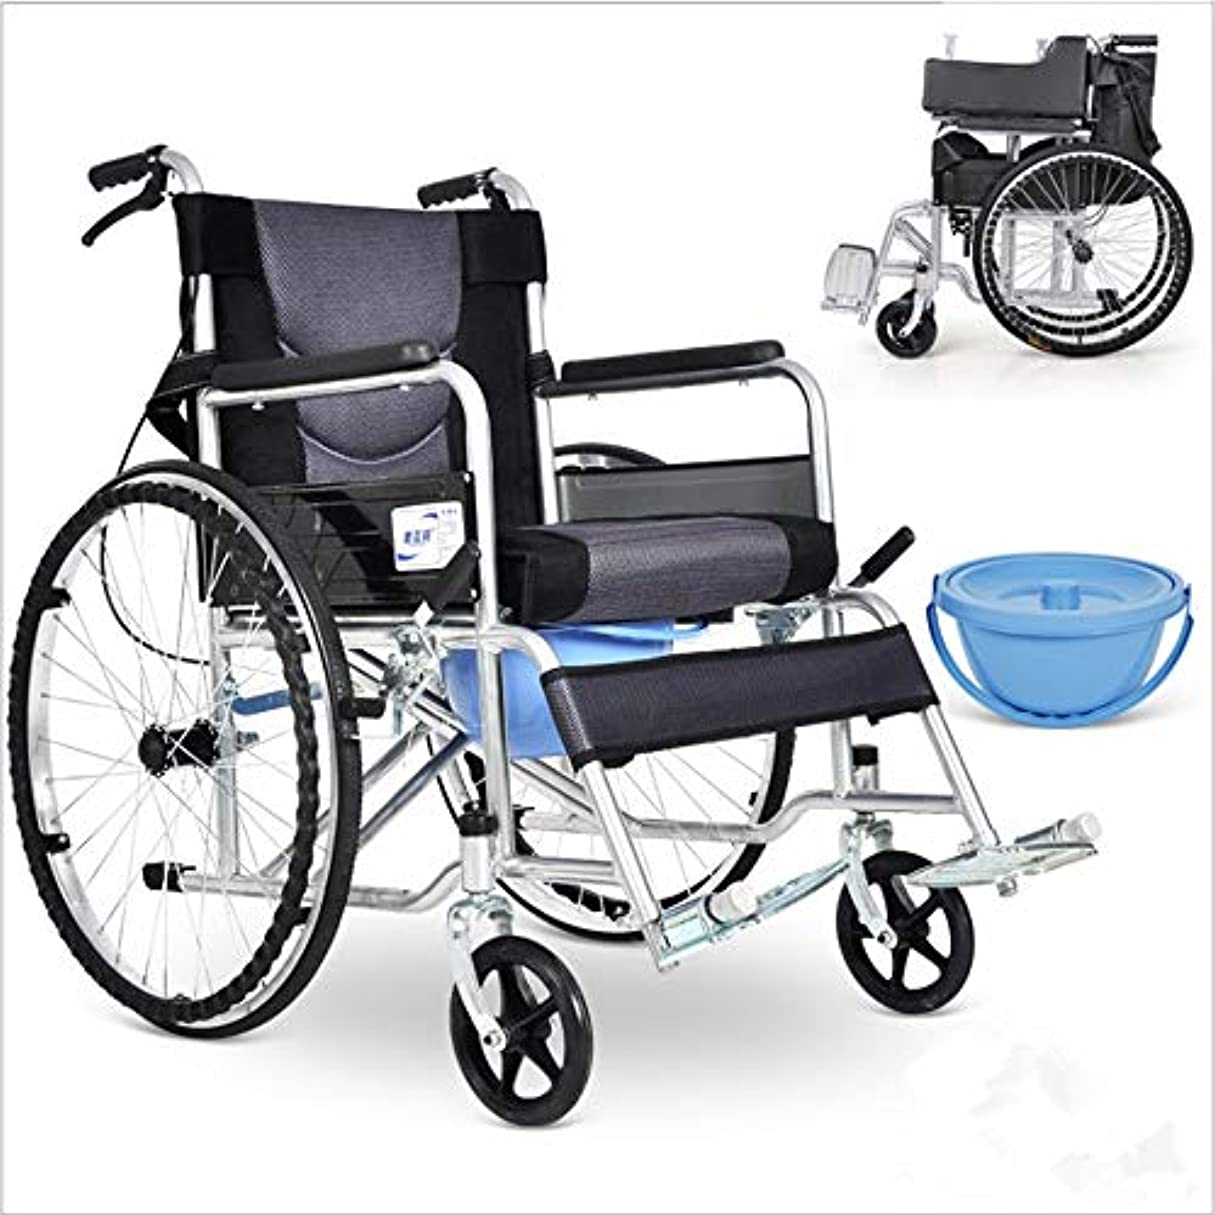 歪めるトムオードリース整然としたペダル付きアルミニウム製ポータブルトイレシート、輸送用チェアトイレ/調節可能なアームレスト、高齢者用シャワーラック、身体障害者、妊婦